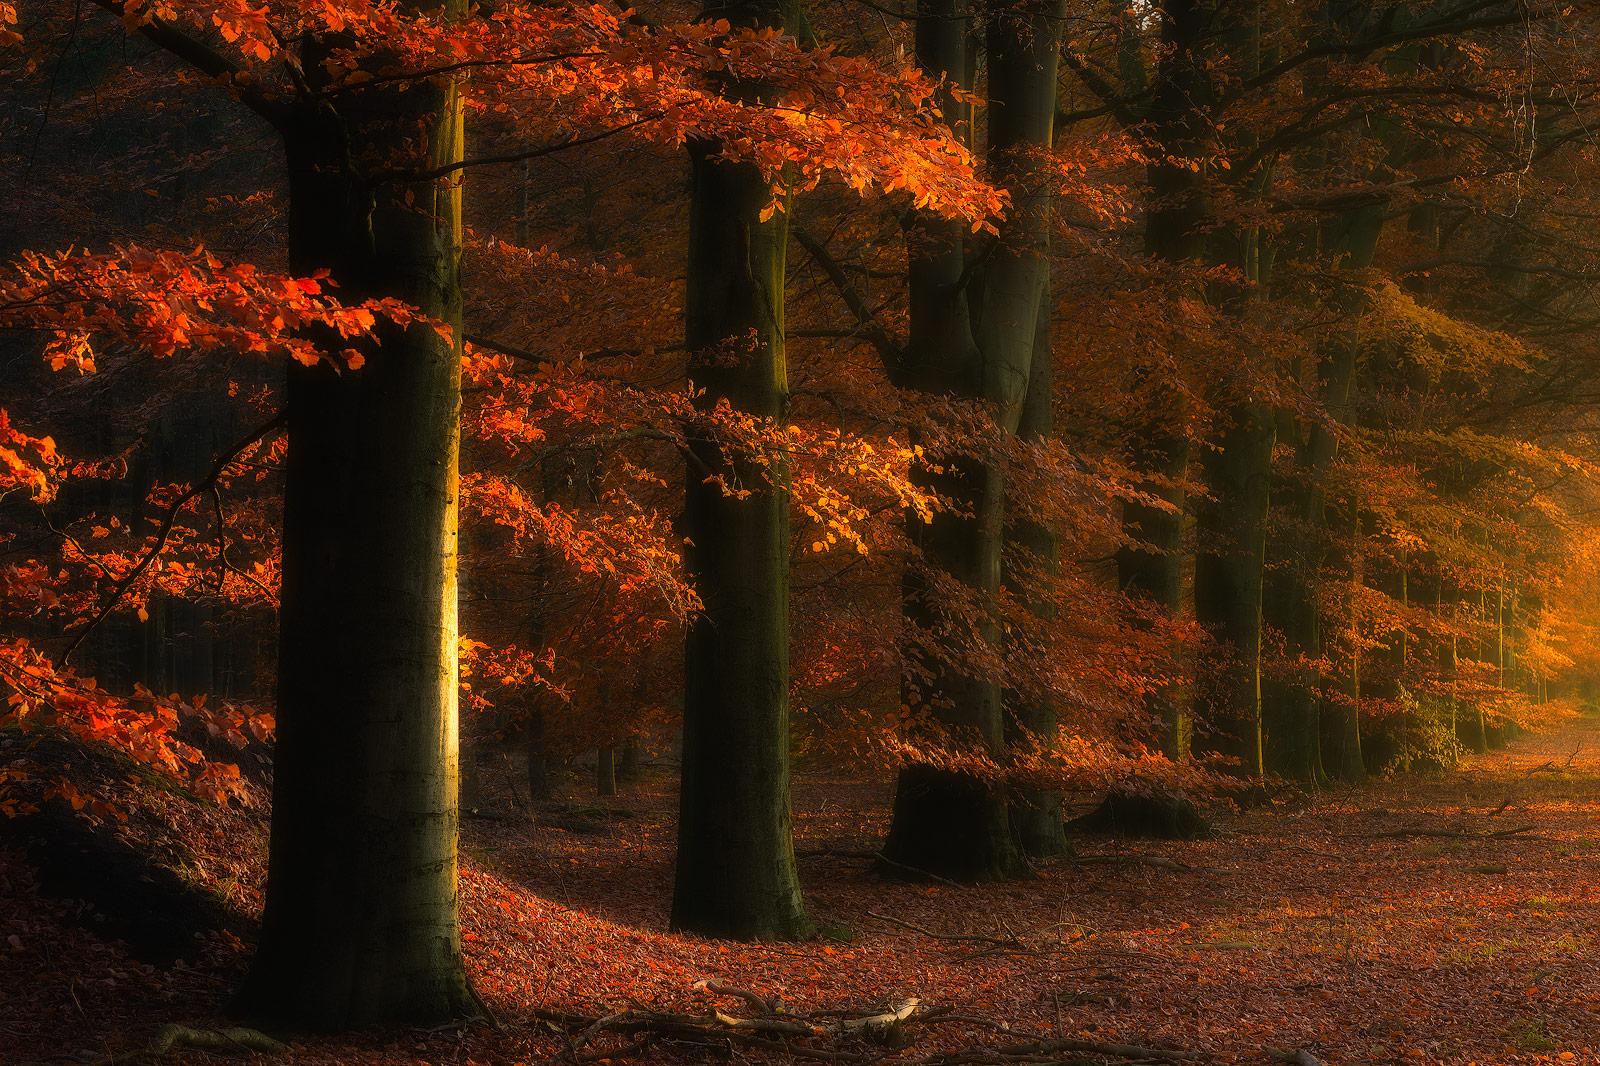 Mooiere herfstfoto's - Herfst in de bossen bij Gasselte met mooi licht dat door de beuken valt